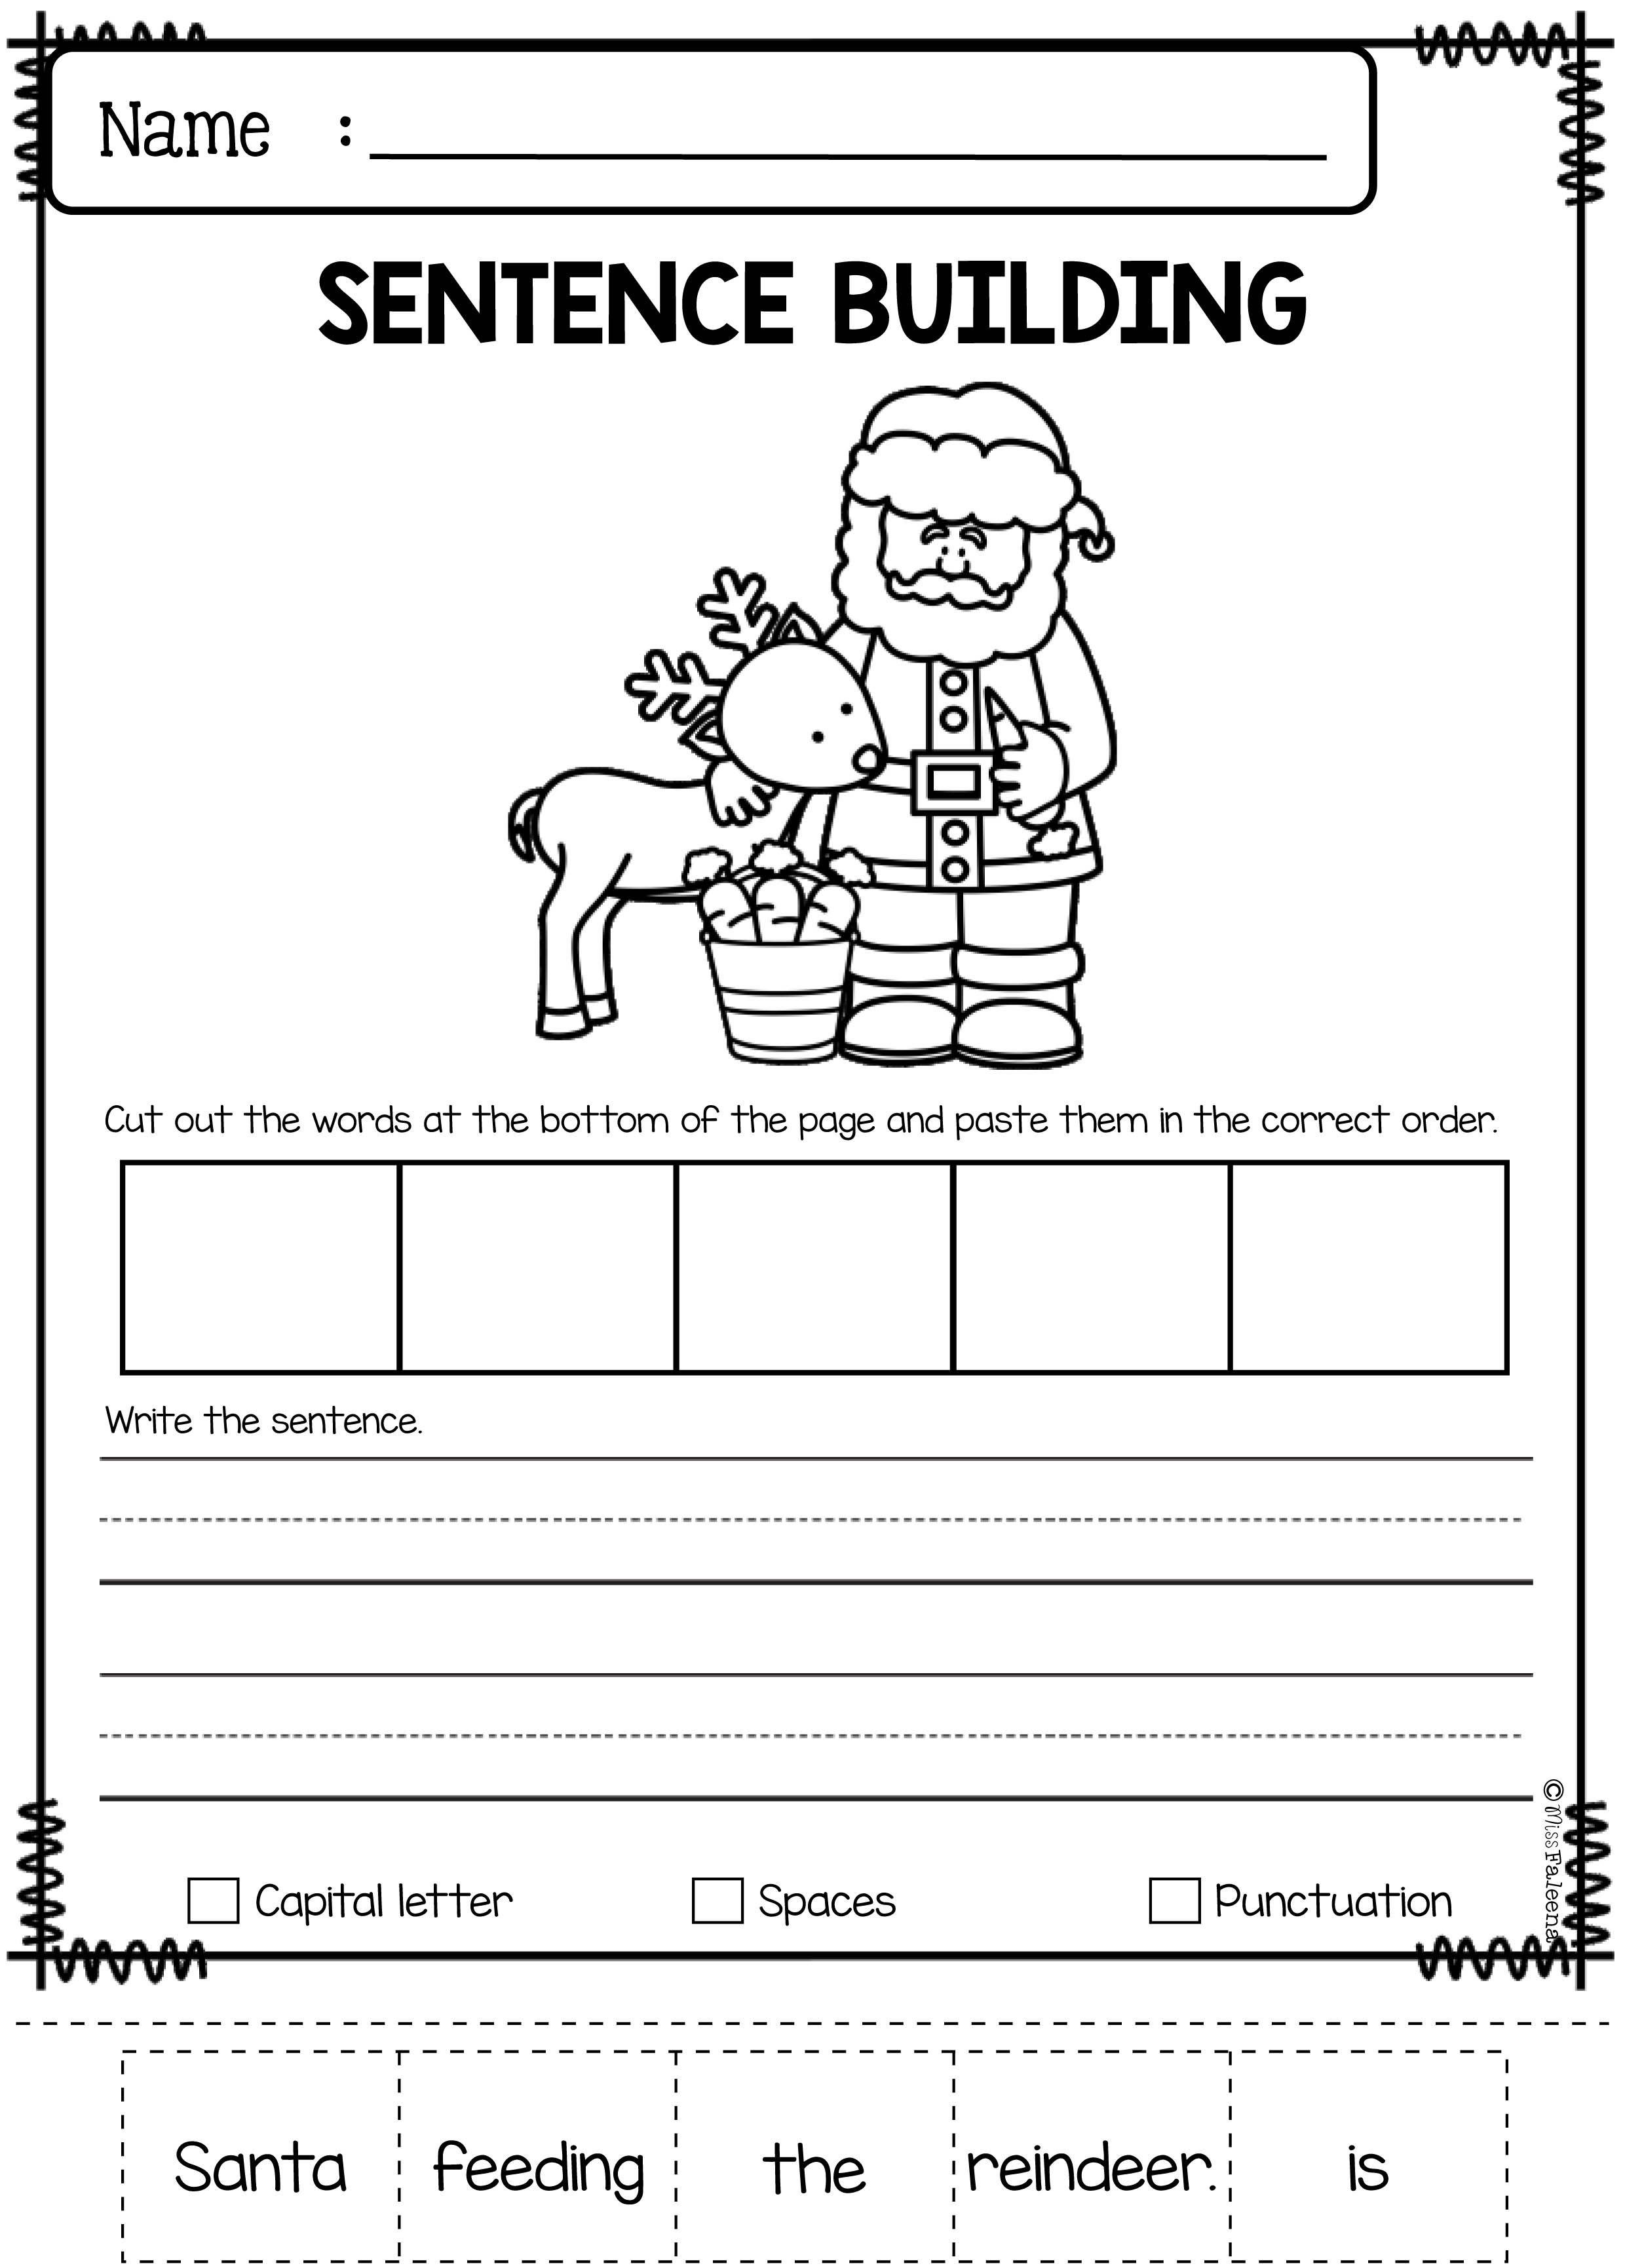 Christmas Activities For Kindergarten Math And Literacy No Prep Printables Kindergarten Writing First Grade Writing 1st Grade Writing [ 1474 x 1042 Pixel ]